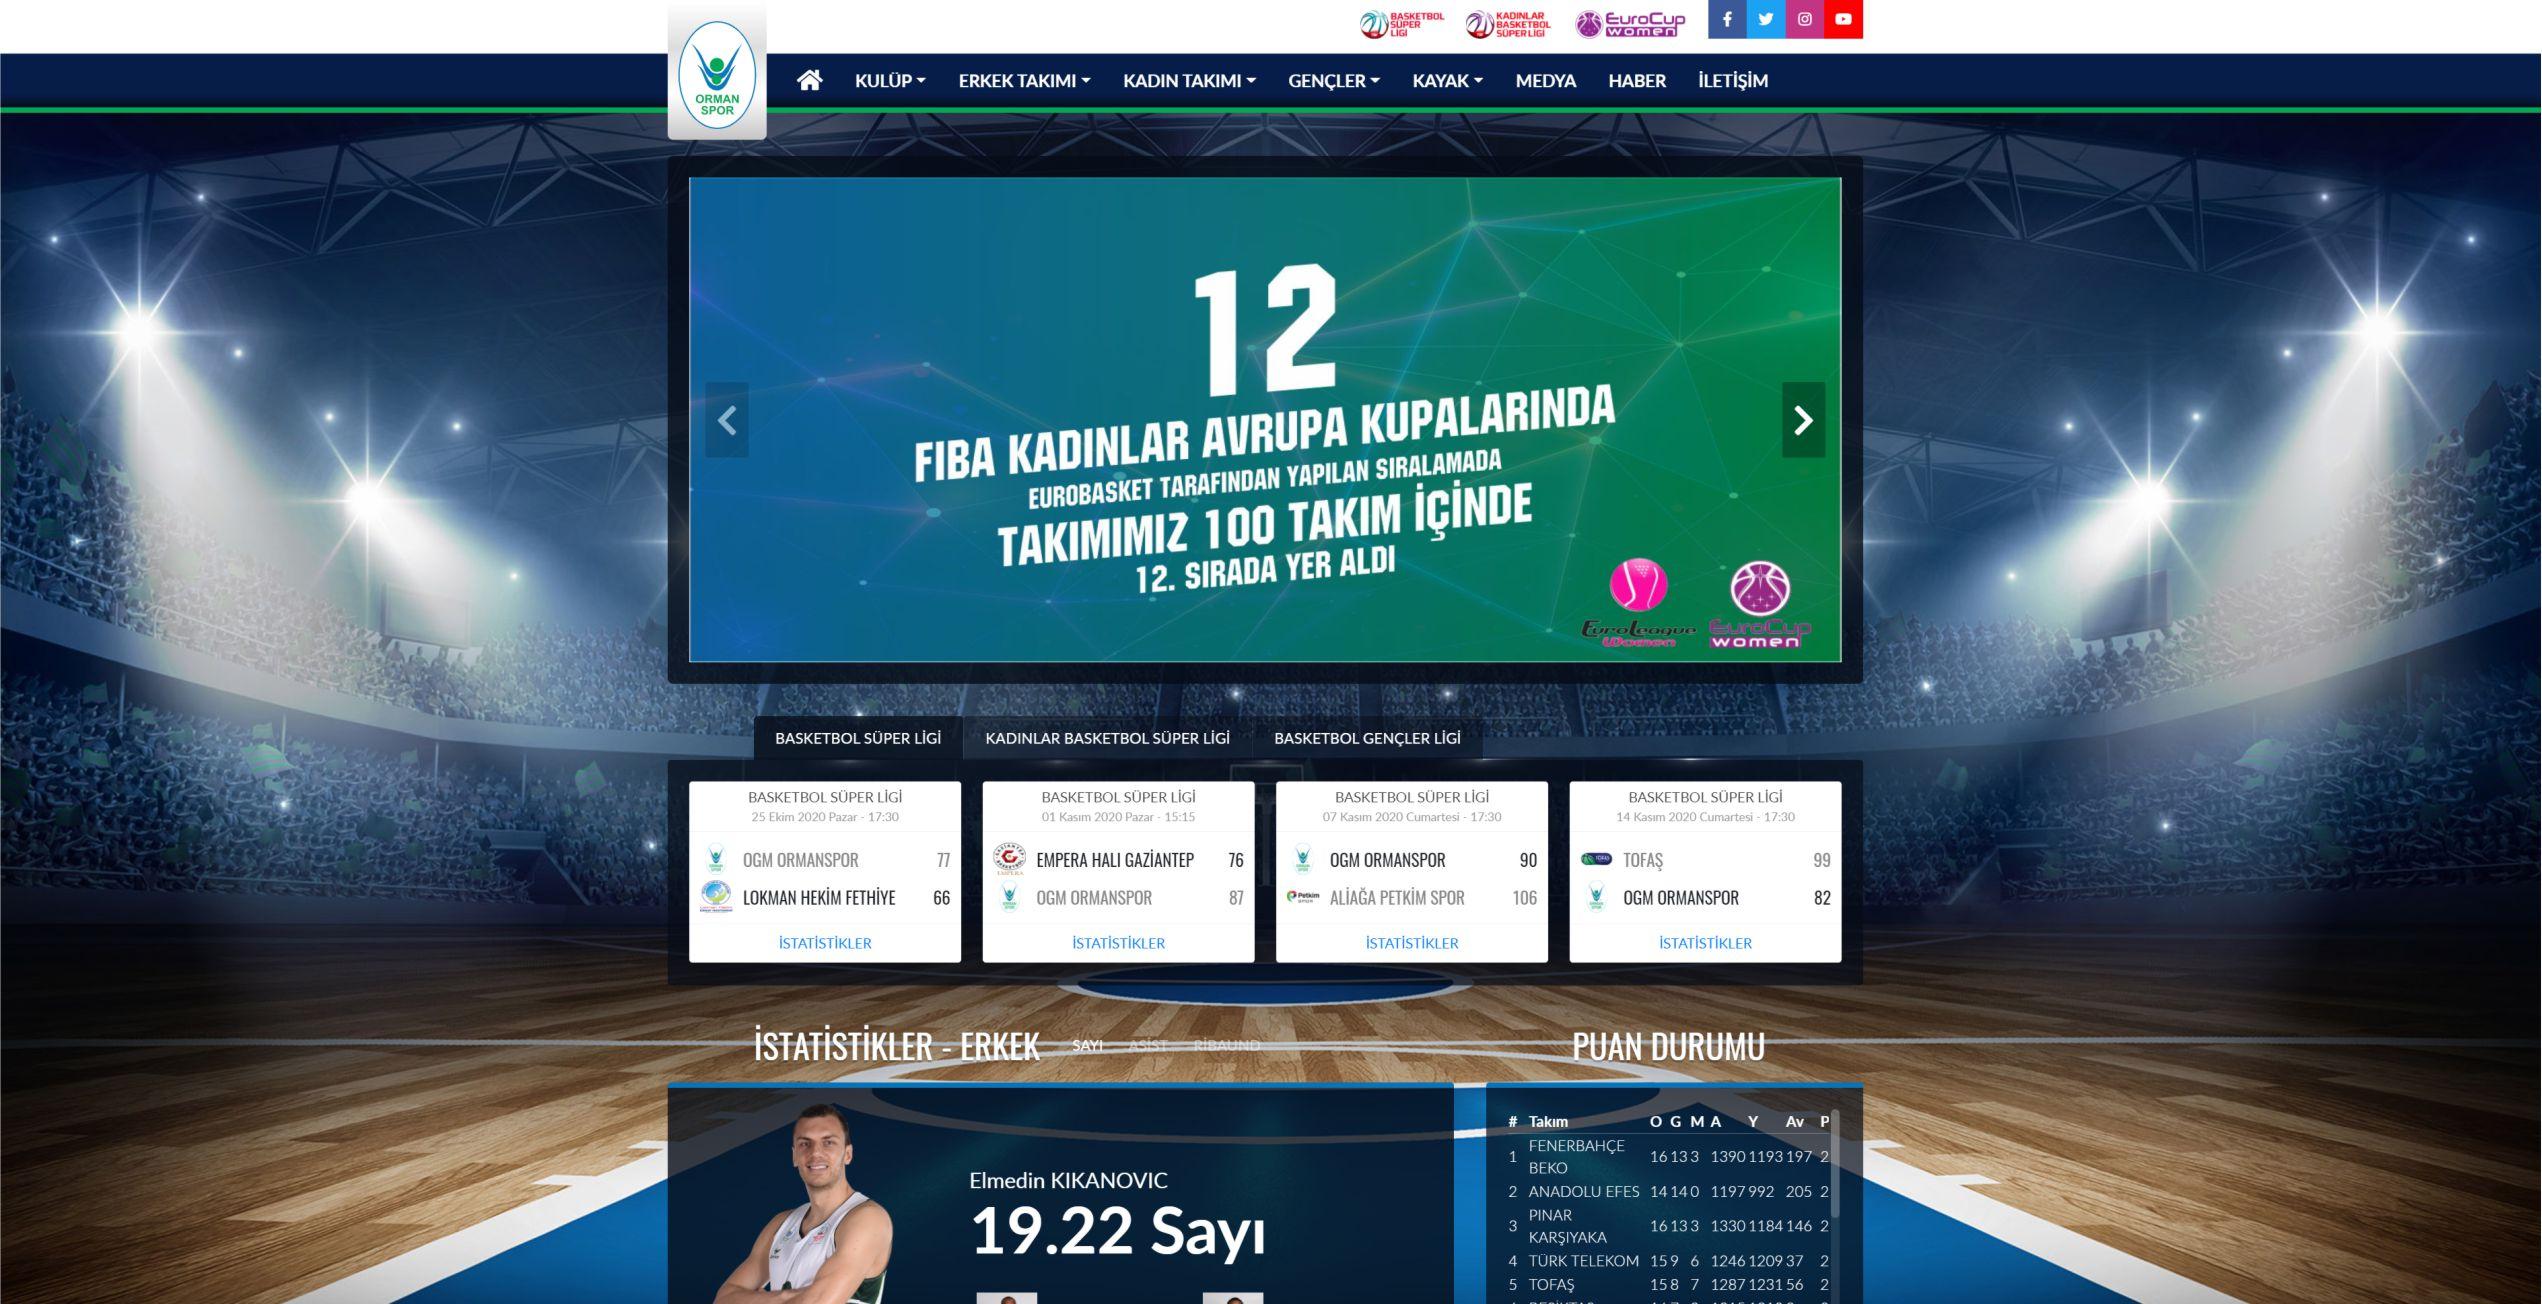 Ormanspor Web Sayfası